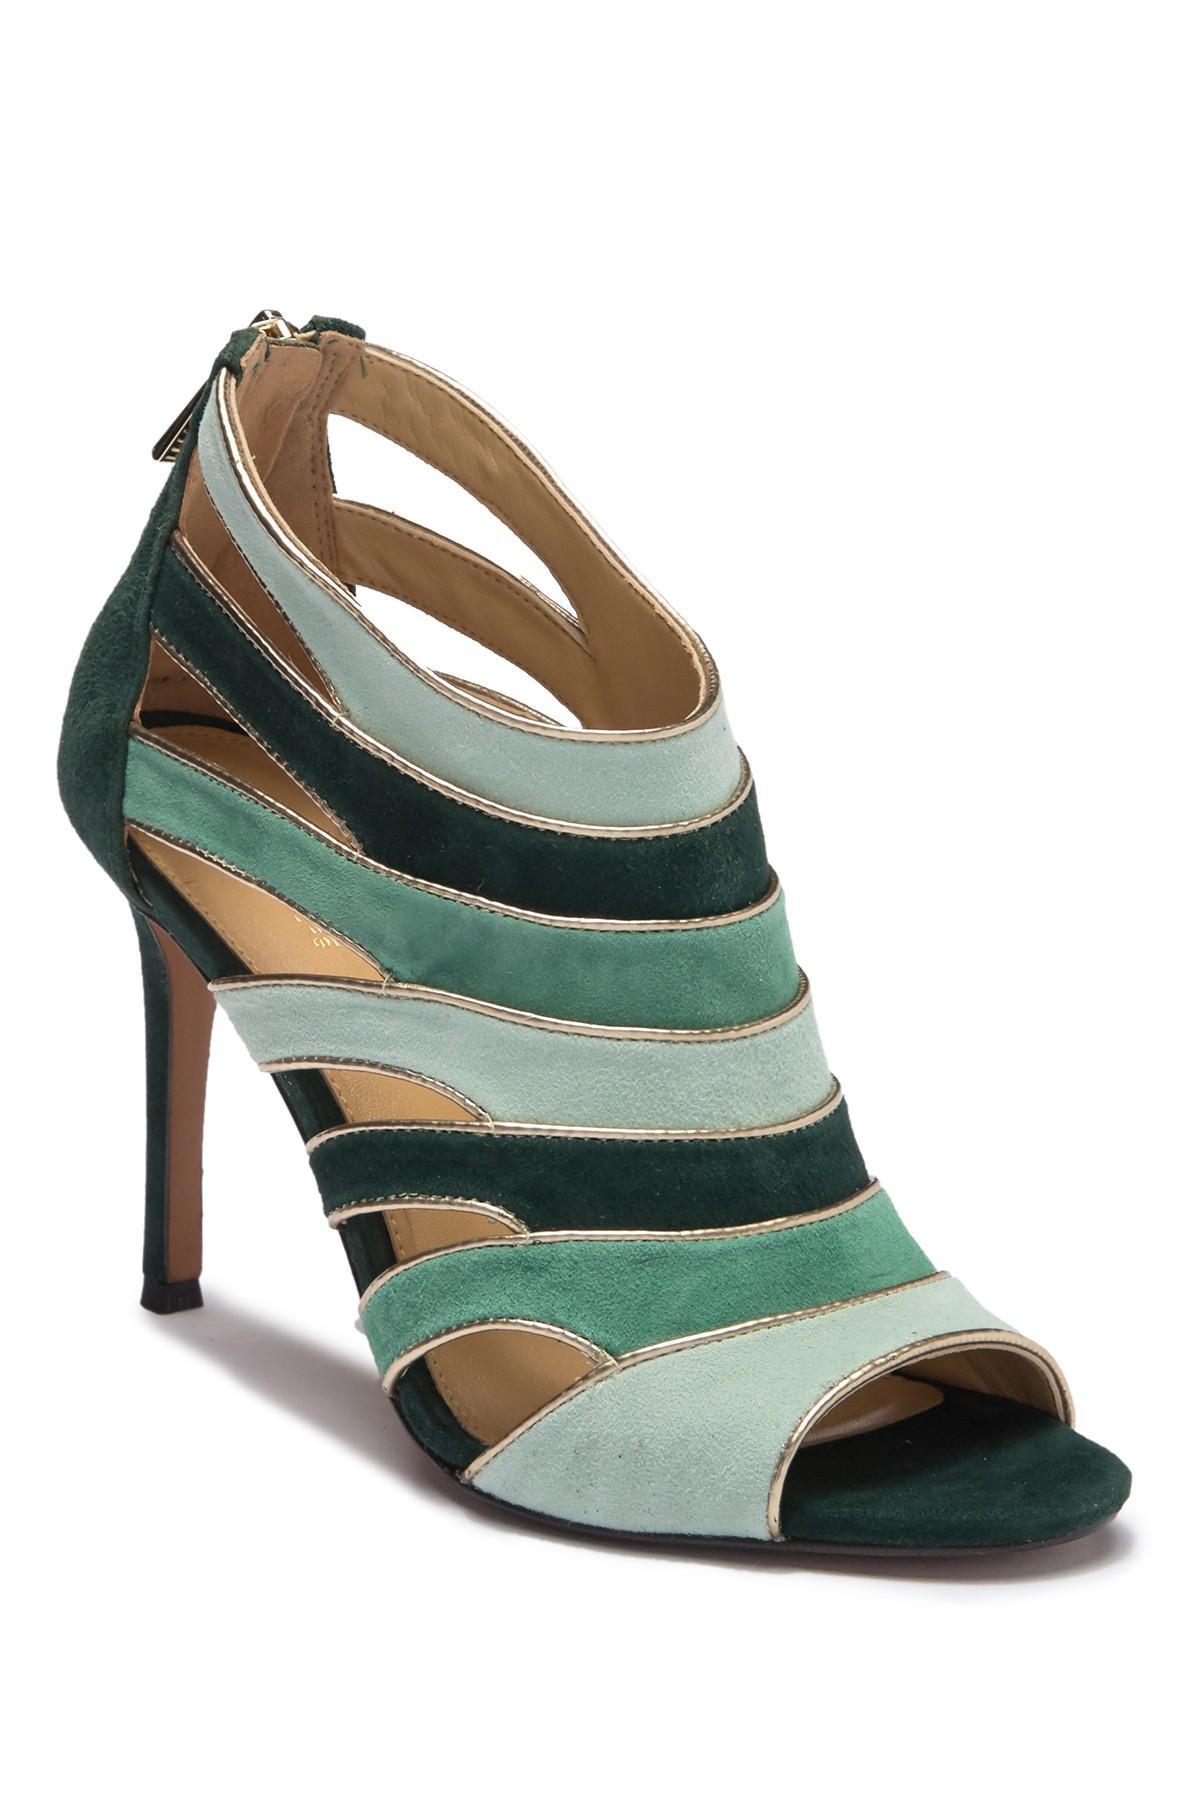 035845e3617a Lyst - MICHAEL Michael Kors Harper Open Toe Sandal in Green